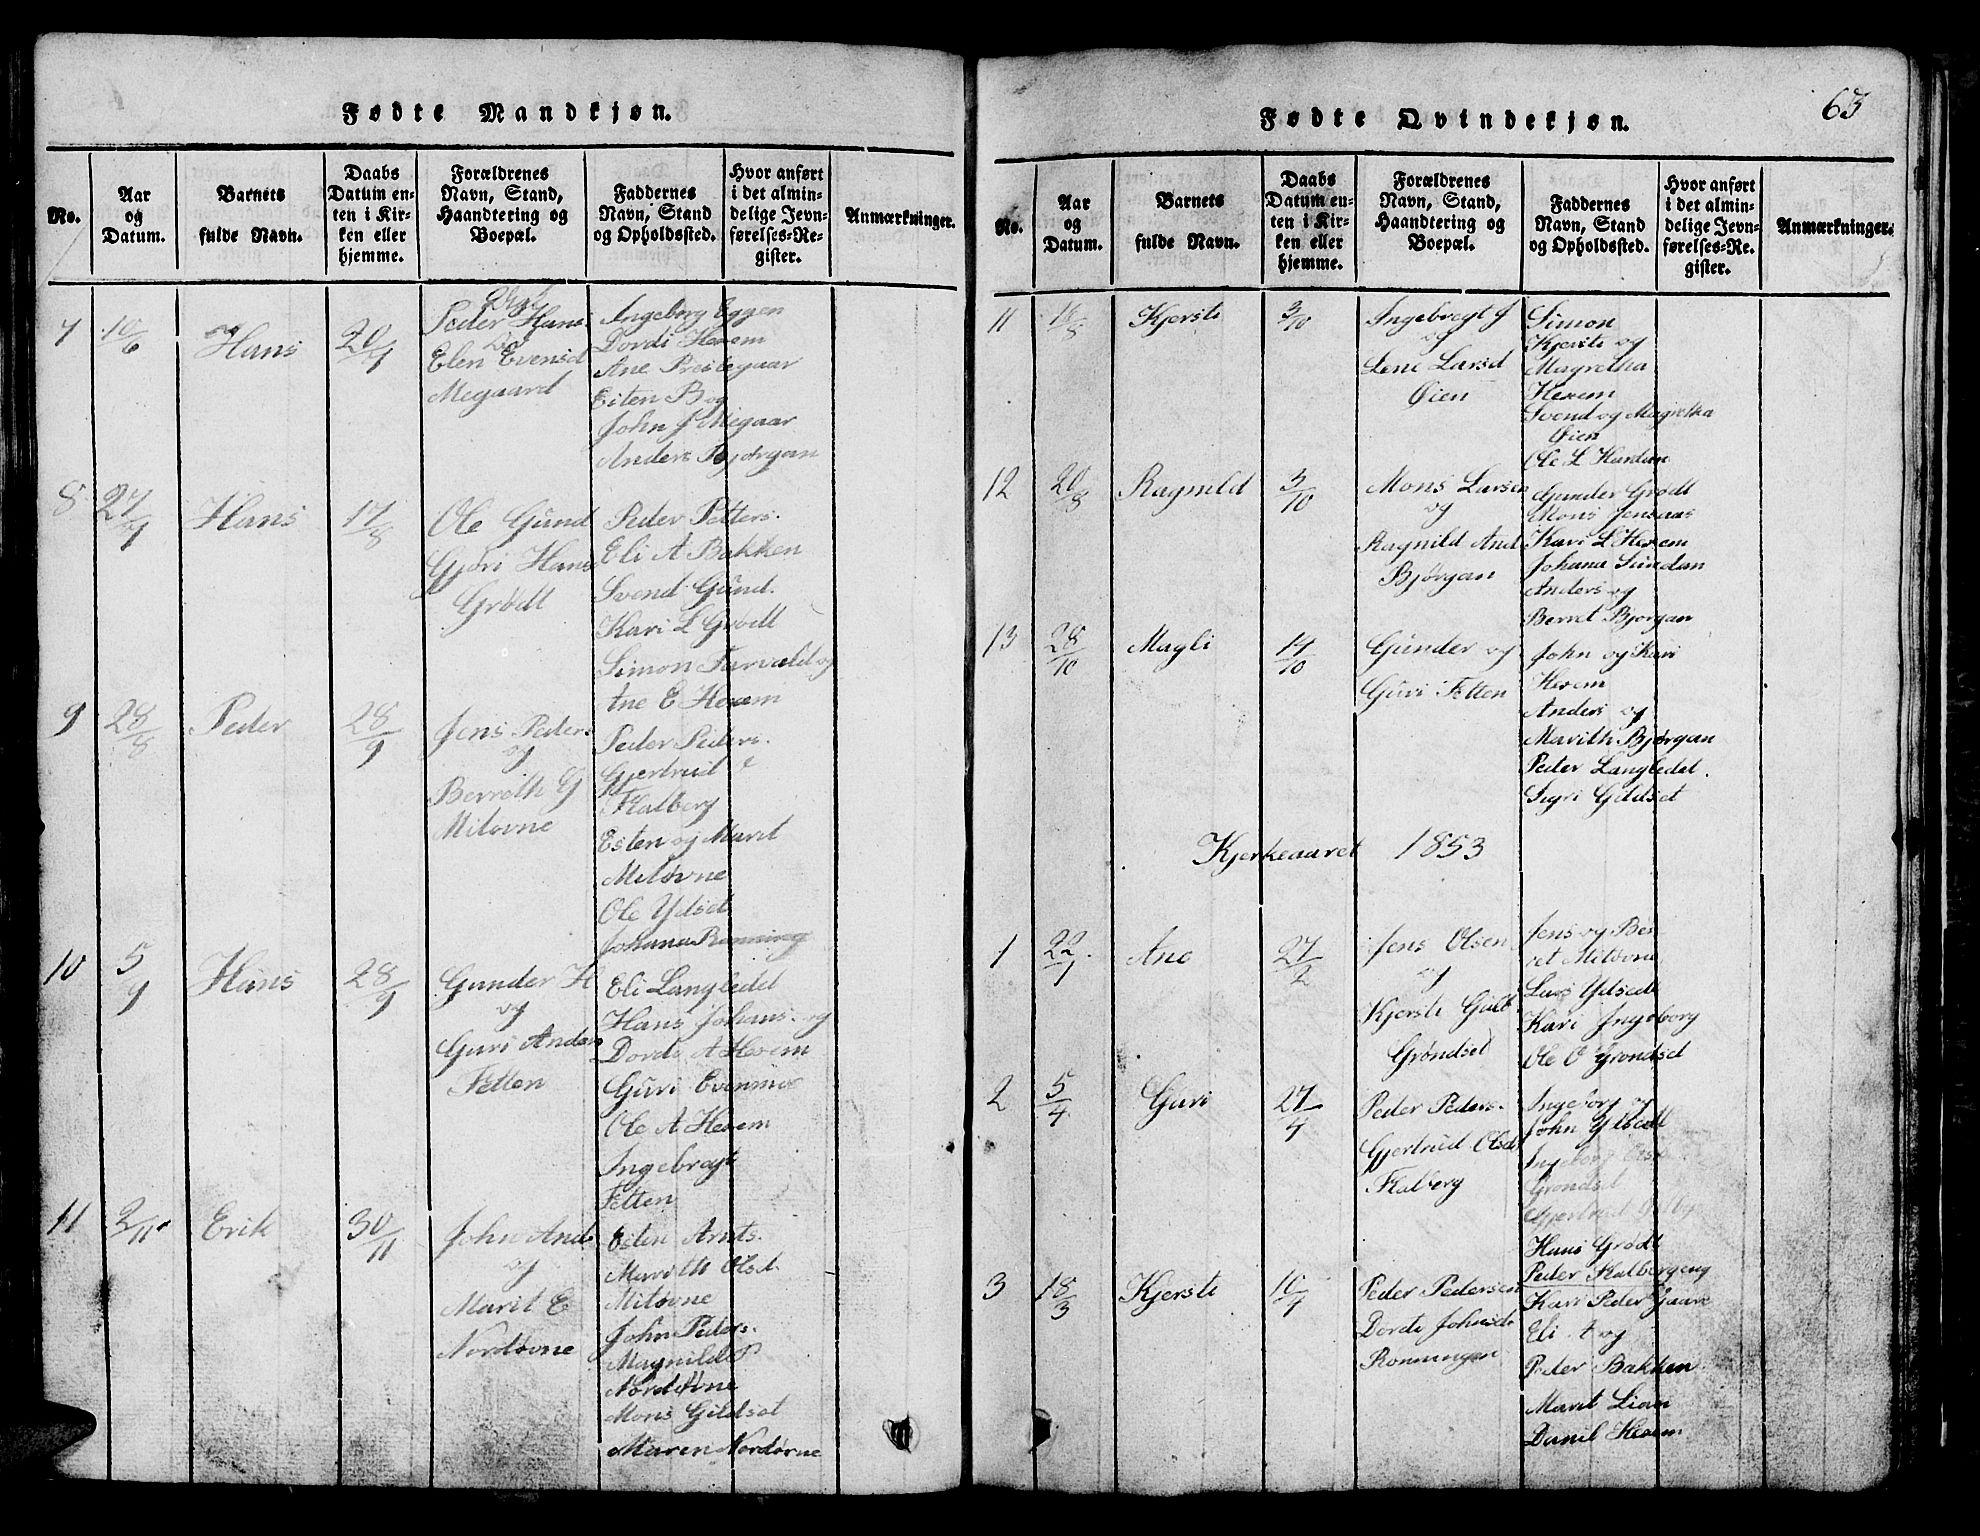 SAT, Ministerialprotokoller, klokkerbøker og fødselsregistre - Sør-Trøndelag, 685/L0976: Klokkerbok nr. 685C01, 1817-1878, s. 63